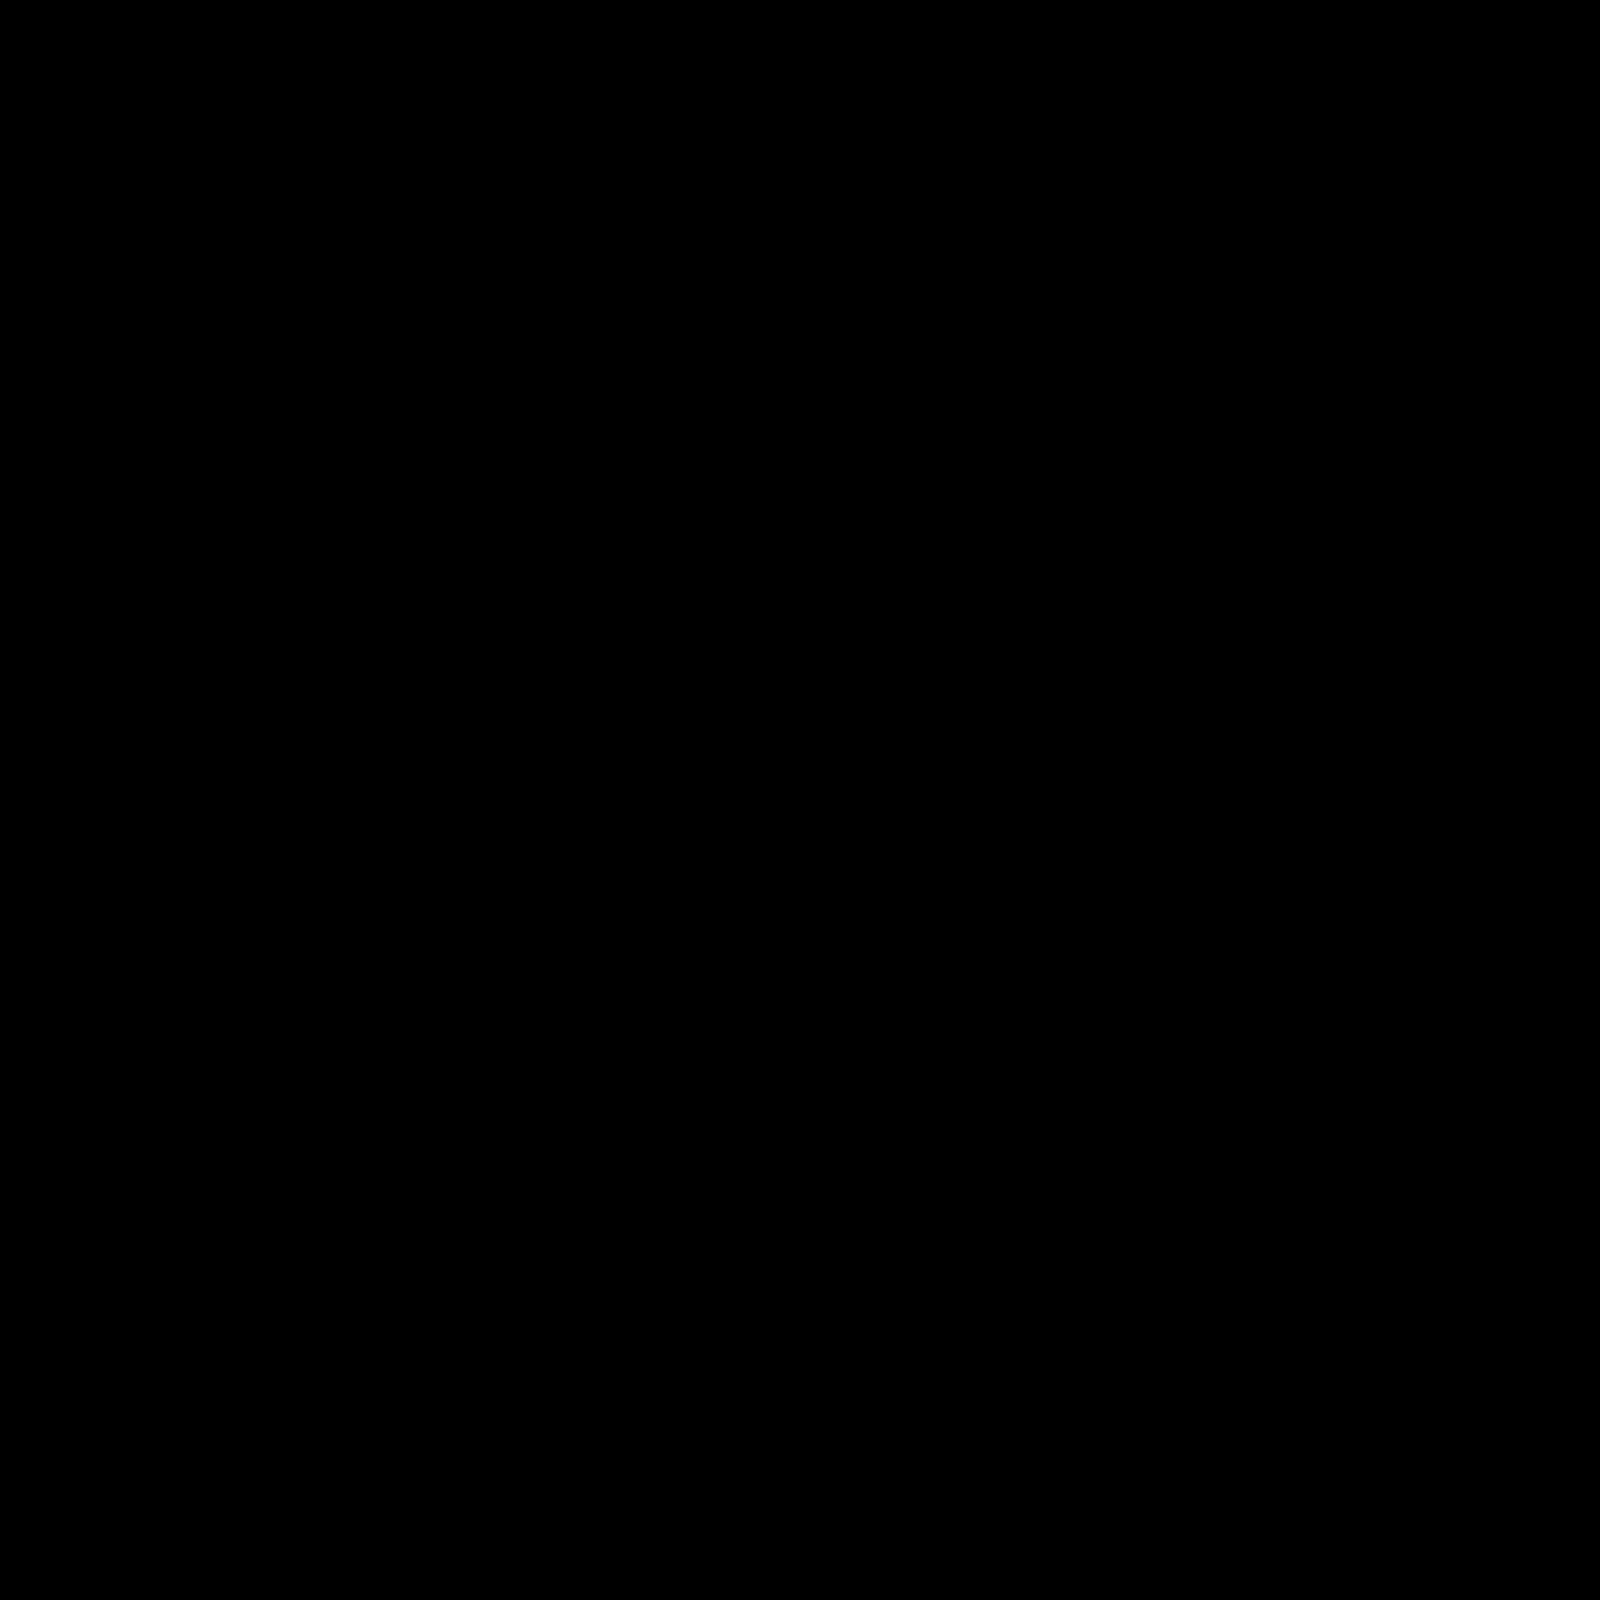 Escrima Sticks Filled icon